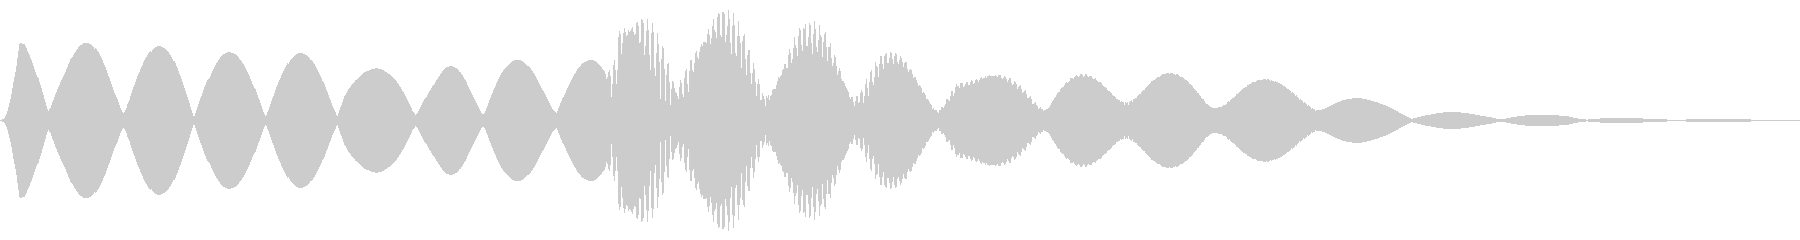 救急車のサイレンの未再生の波形